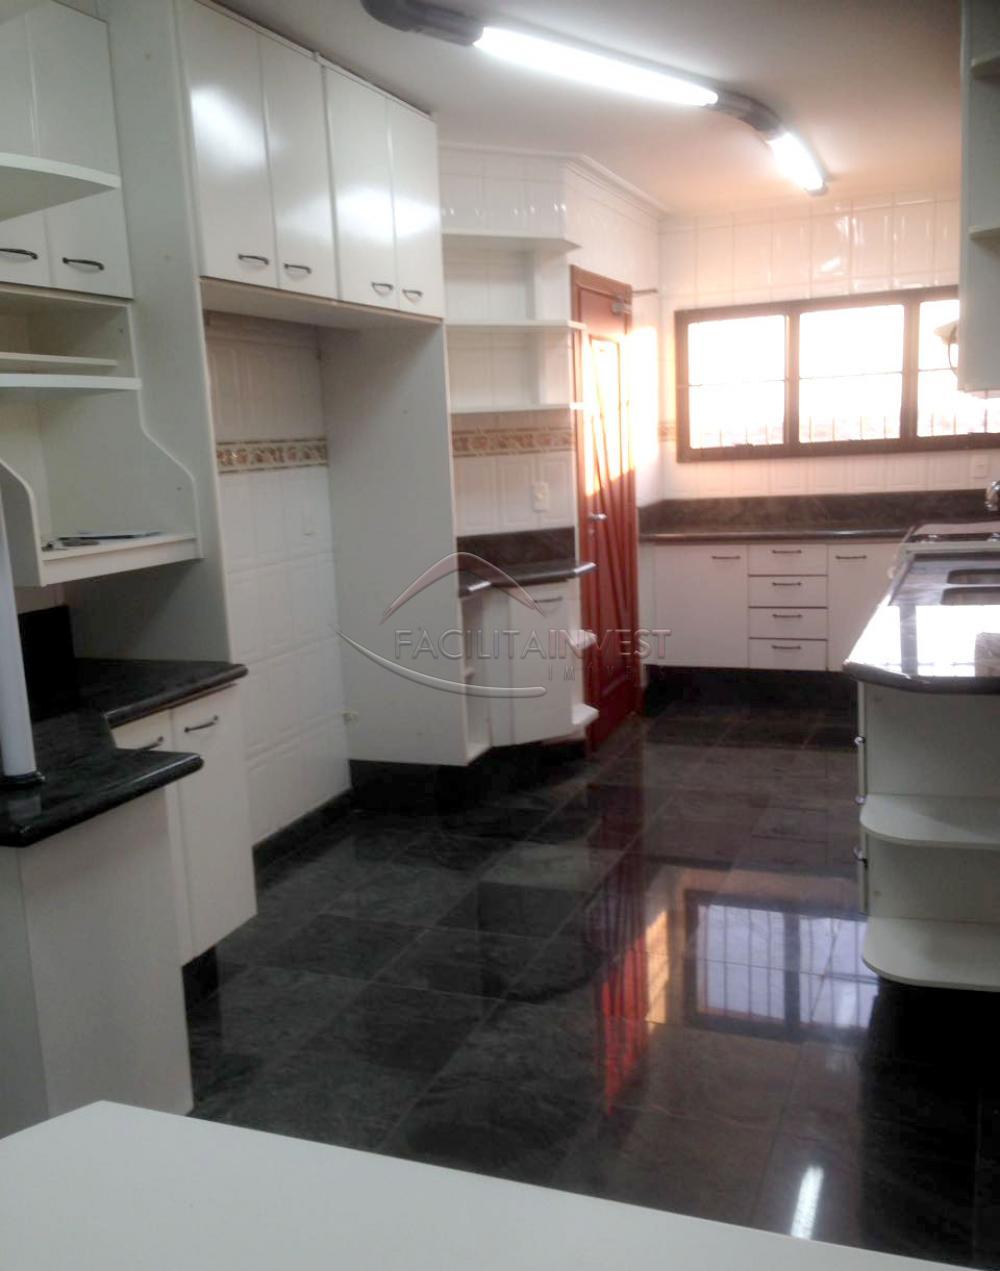 Comprar Apartamentos / Apart. Padrão em Sertãozinho apenas R$ 1.050.000,00 - Foto 19